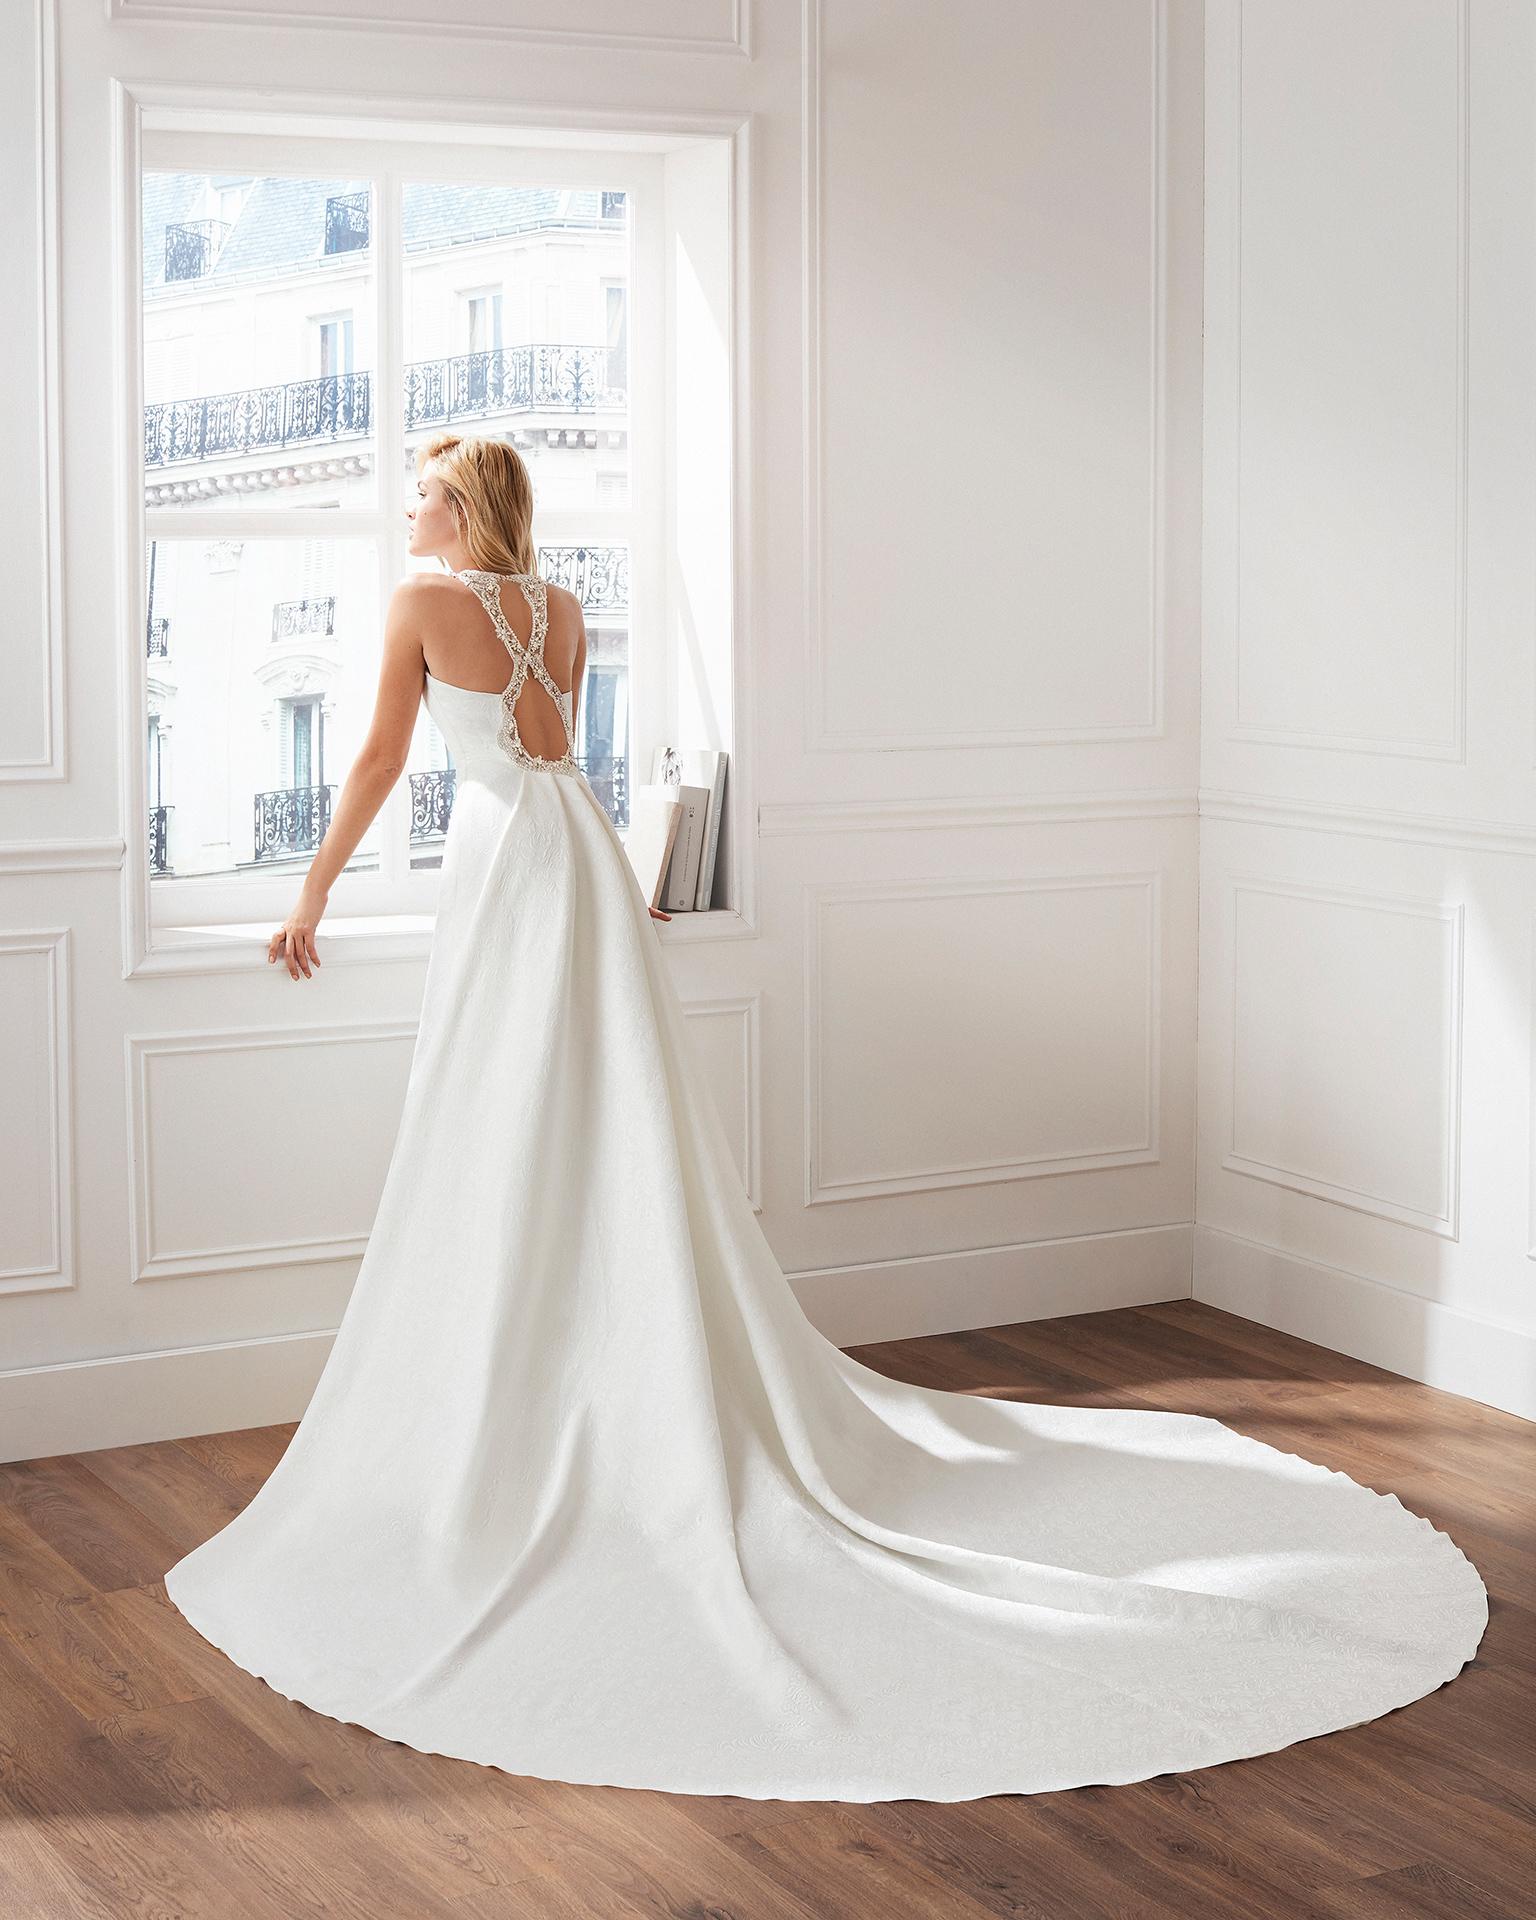 Vestido de novia estilo clásico en brocado. Escote barco, detalles de pedrería y cola desmontable. Disponible en color natural. Colección  2019.